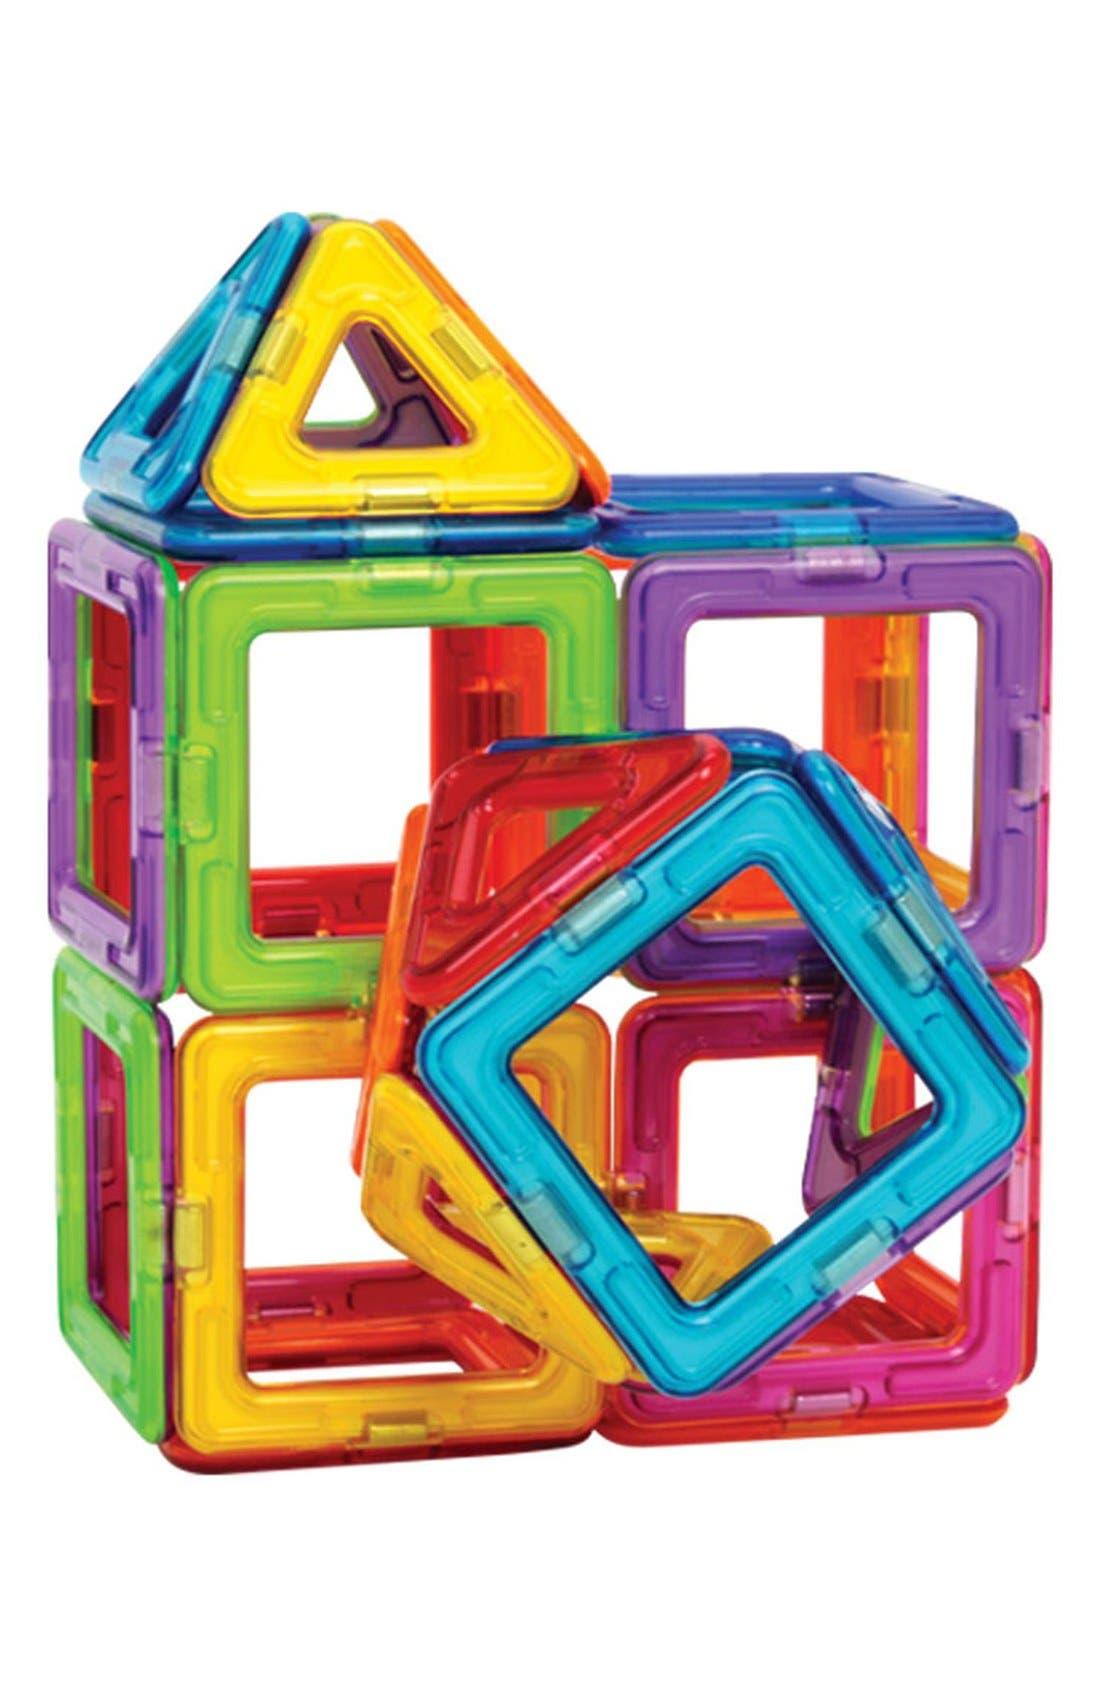 'Standard' Magnetic 3D Construction Set,                             Alternate thumbnail 3, color,                             400